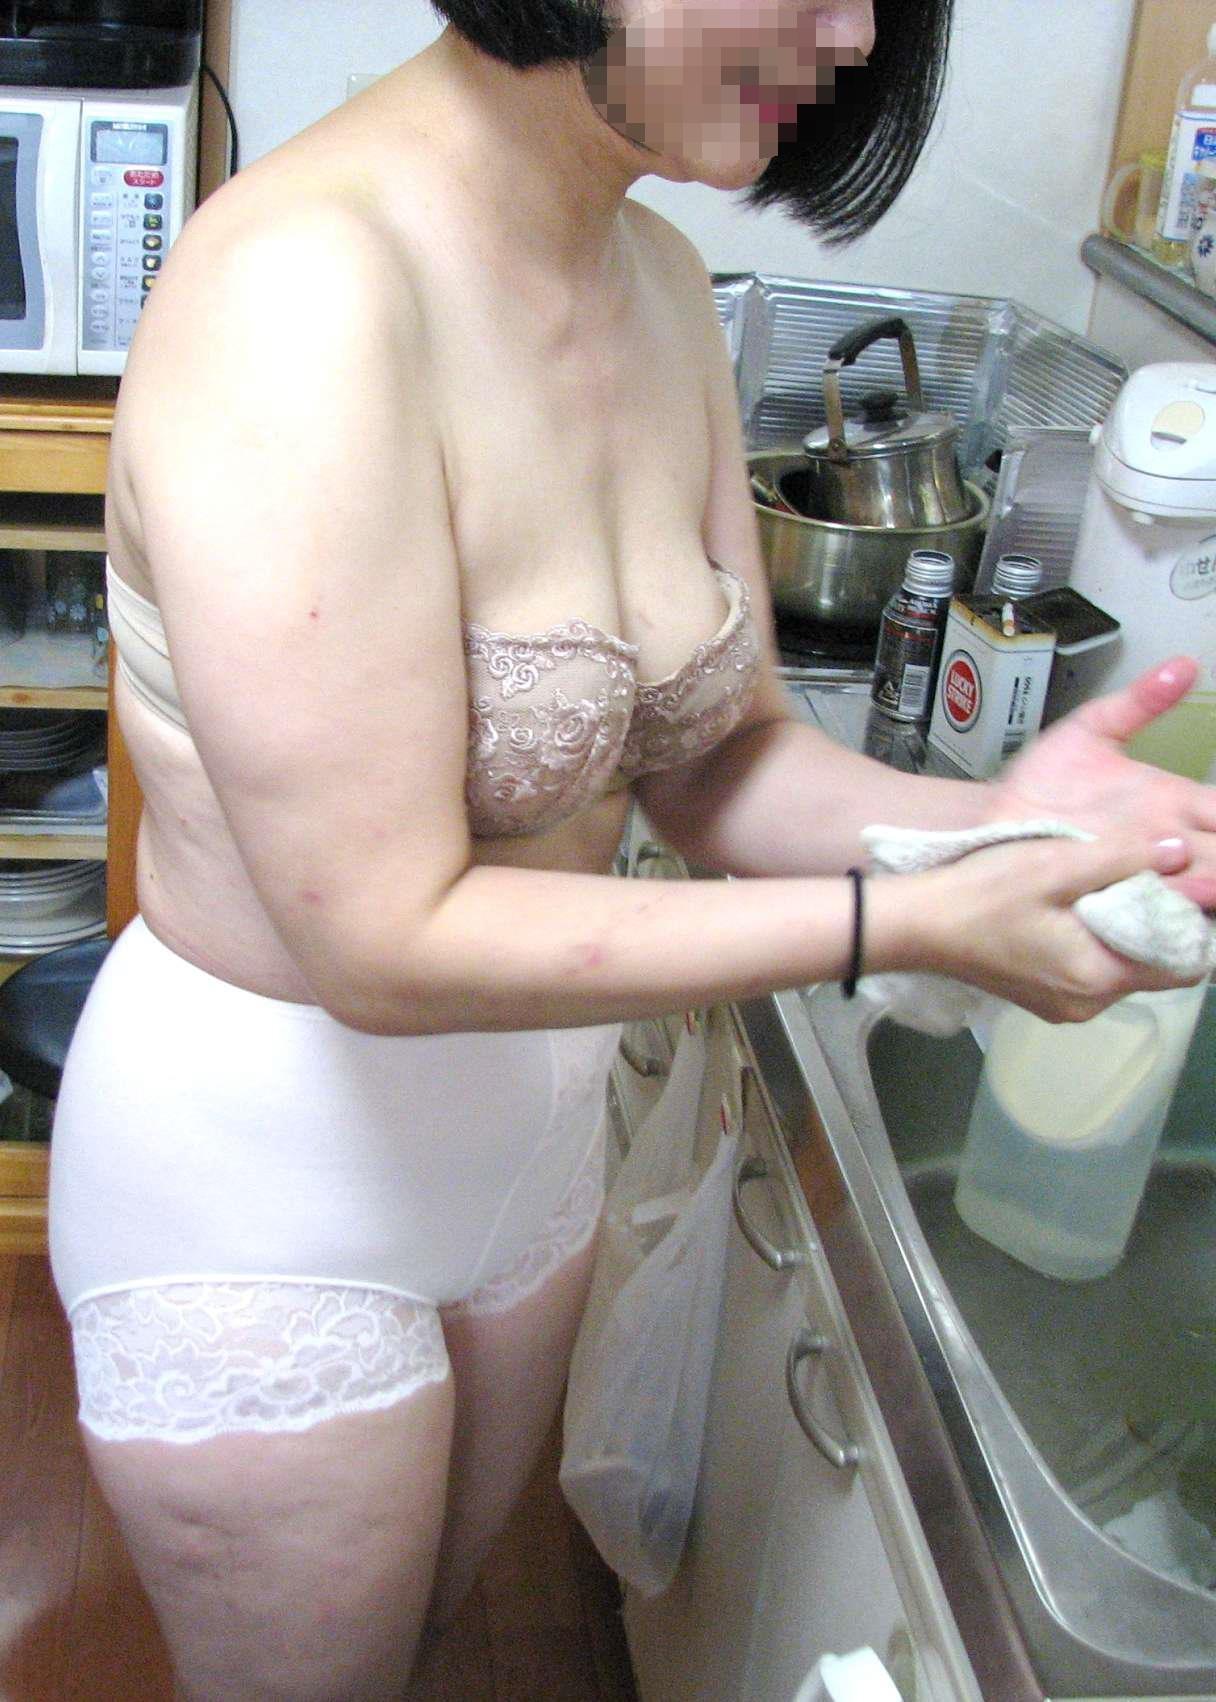 主婦 淫ら 私生活 熟女 人妻 家庭内 流出 エロ画像【4】